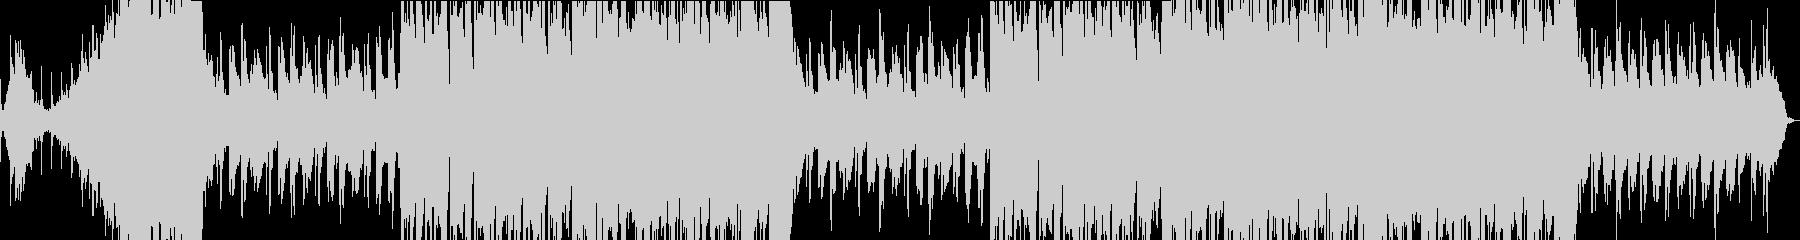 和をイメージした癒し系バラード曲の未再生の波形